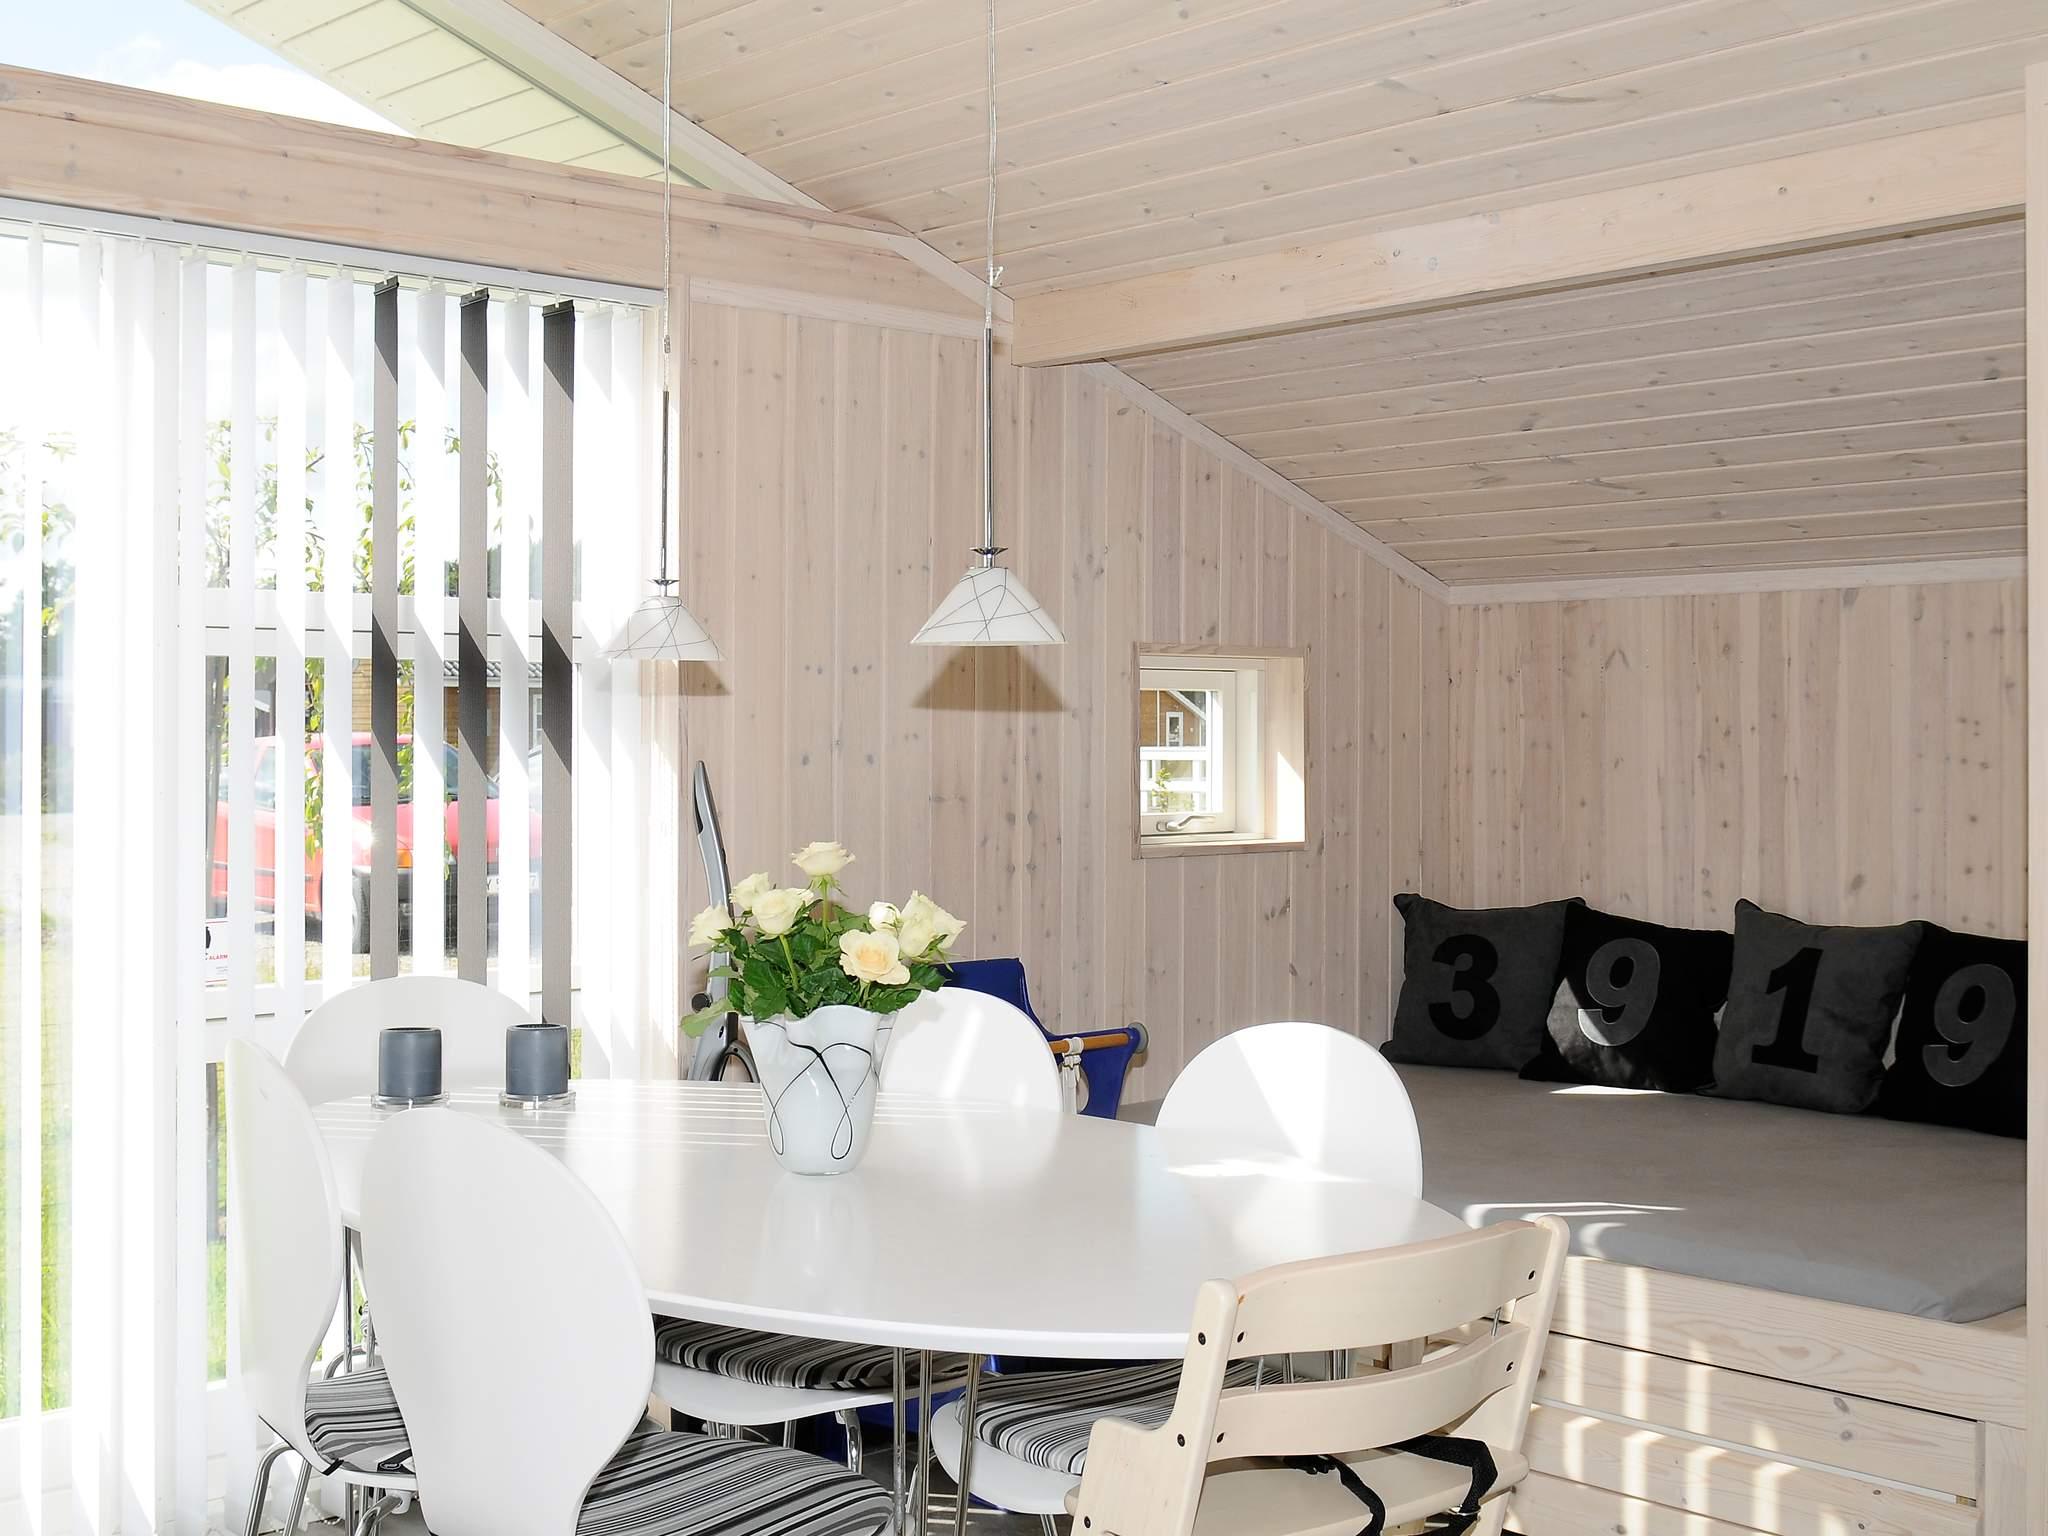 Ferienhaus Hovborg (344962), Hovborg, , Südjütland, Dänemark, Bild 4